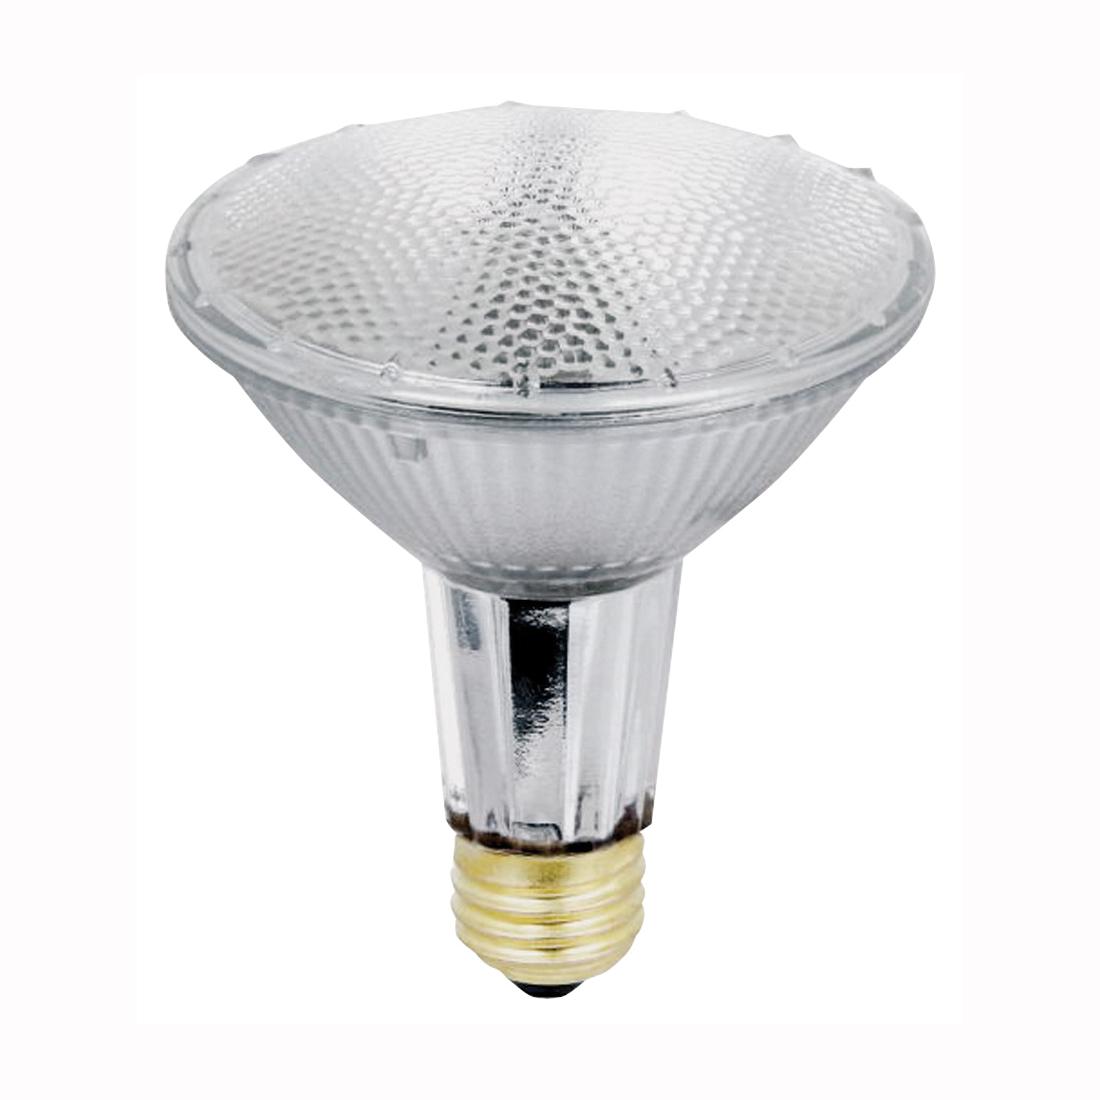 Picture of Feit Electric 55PAR30/L/QFL/ES Halogen Lamp, 56 W, Medium E26 Lamp Base, PAR30 Lamp, Bright White Light, 980 Lumens